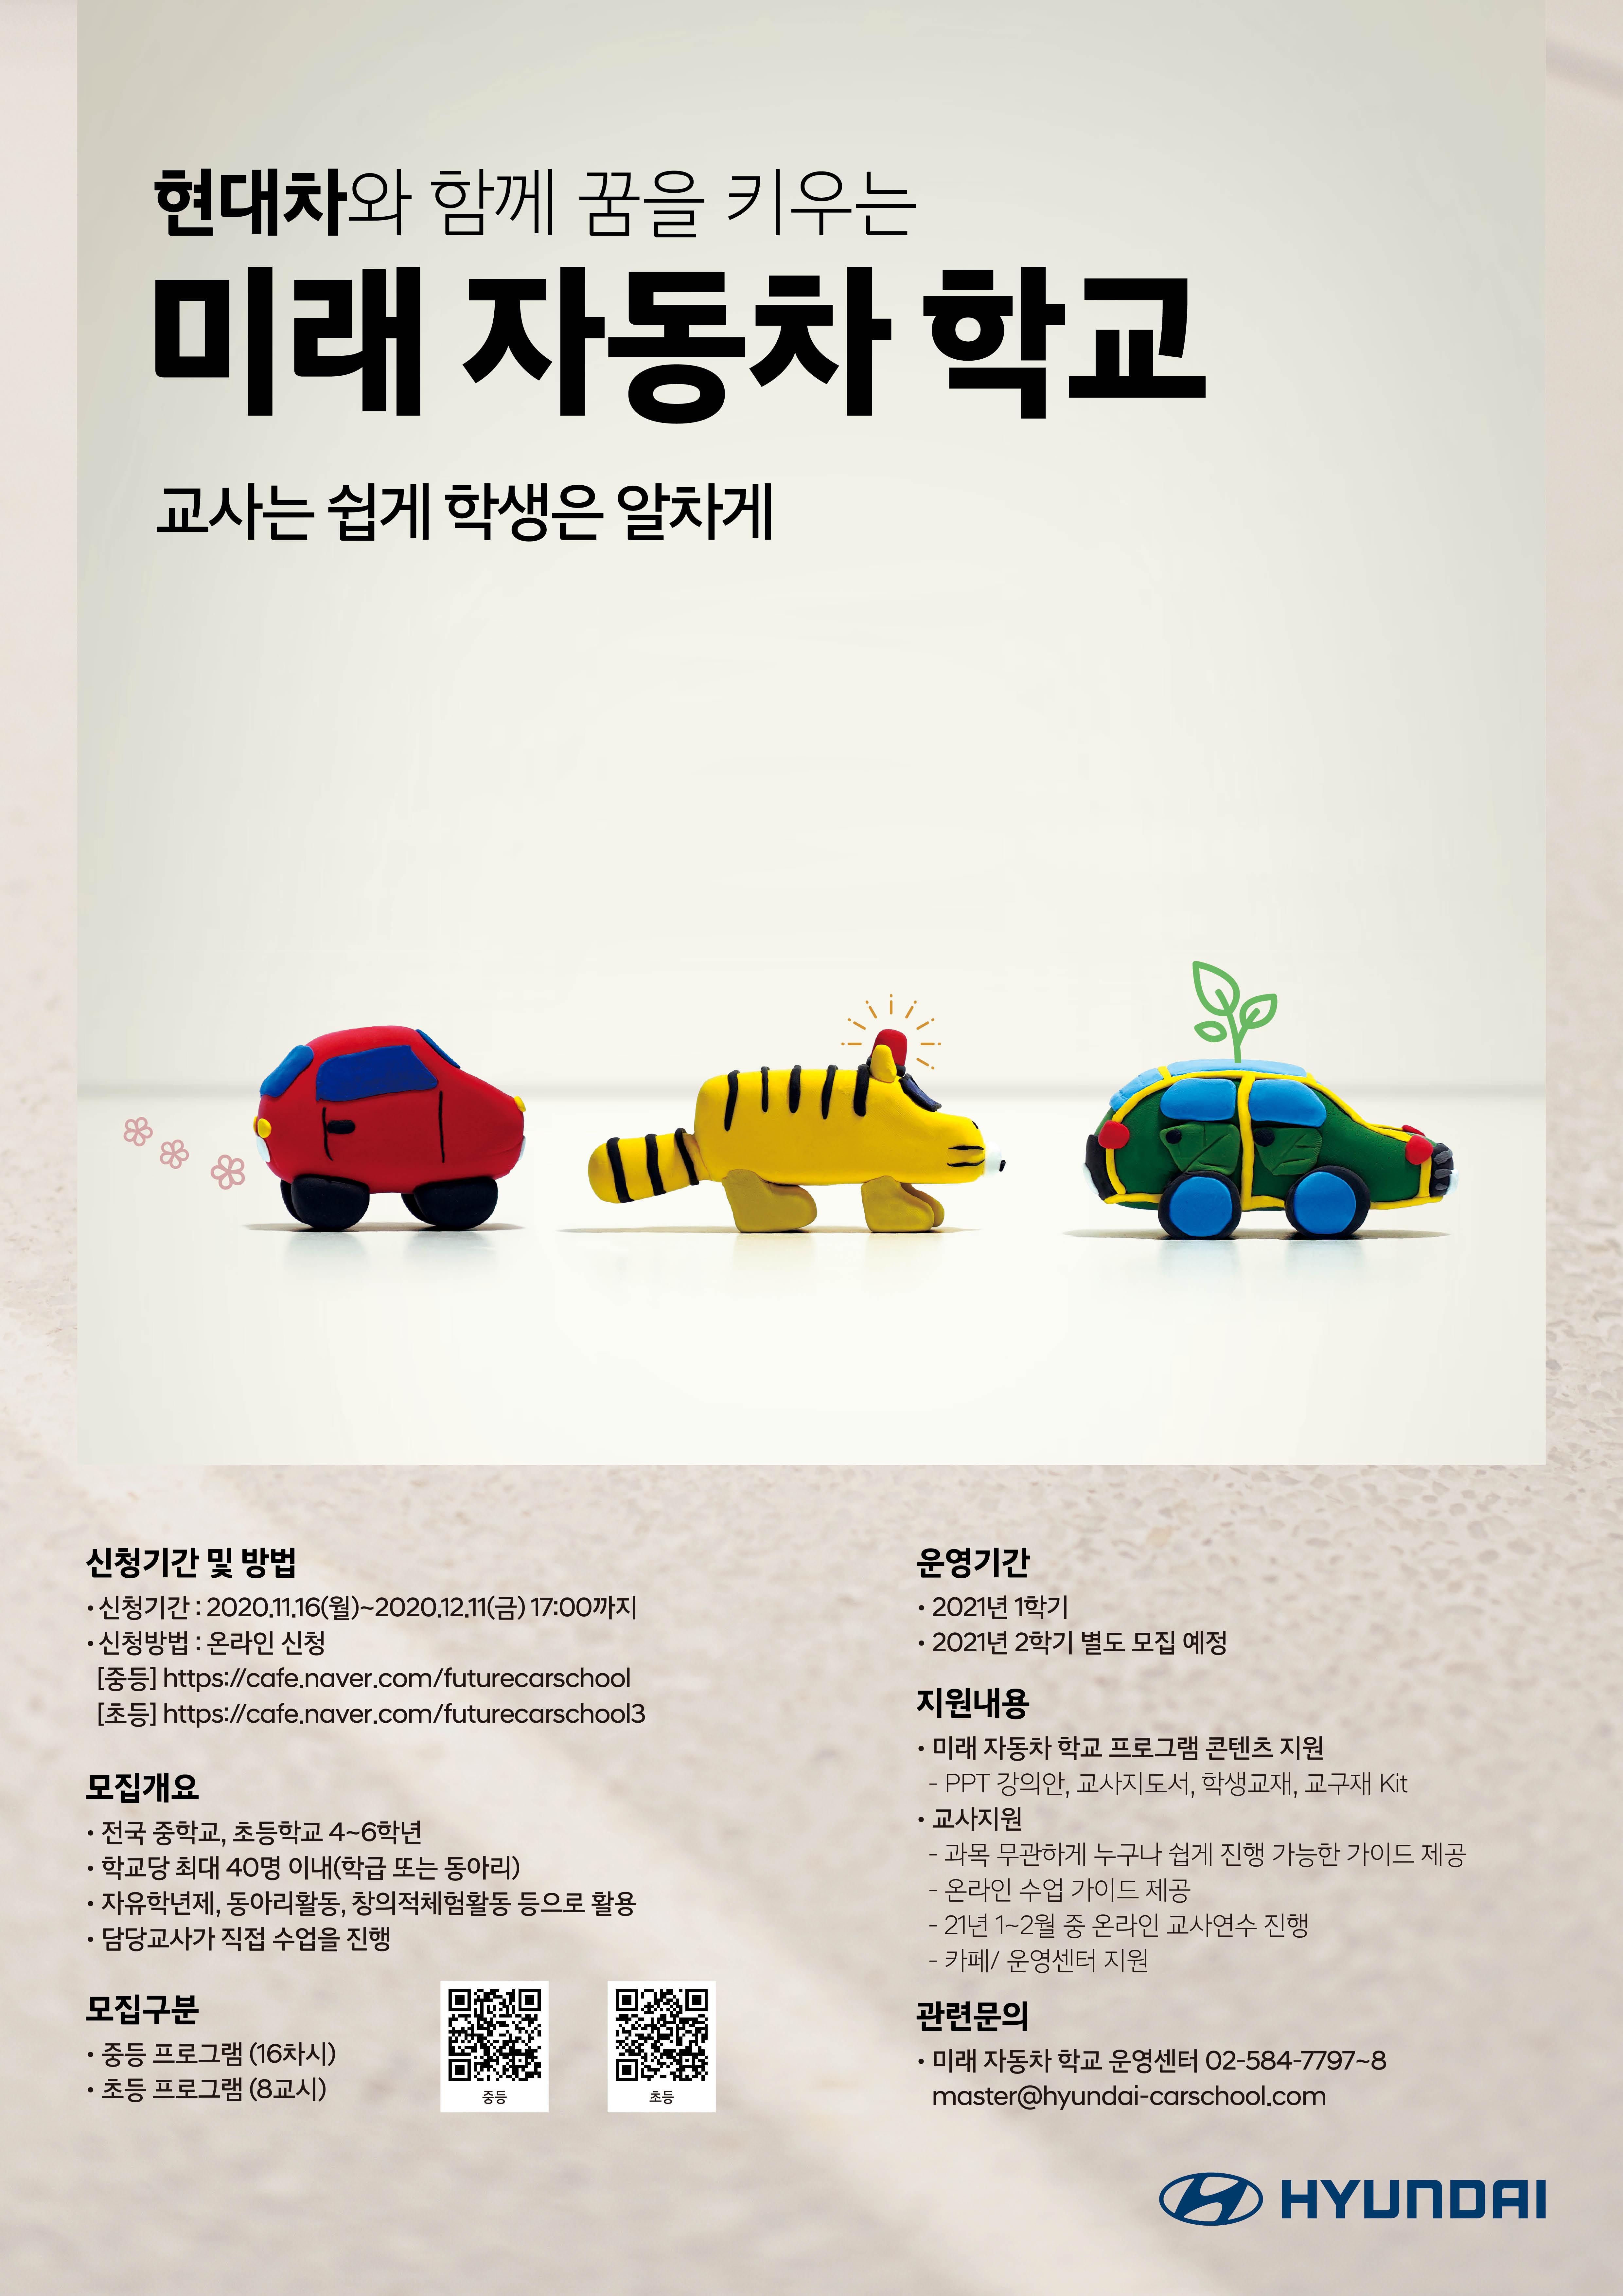 [붙임1] 2021년 1학기 현대차 미래자동차학교_초등프로그램_포스터.jpg